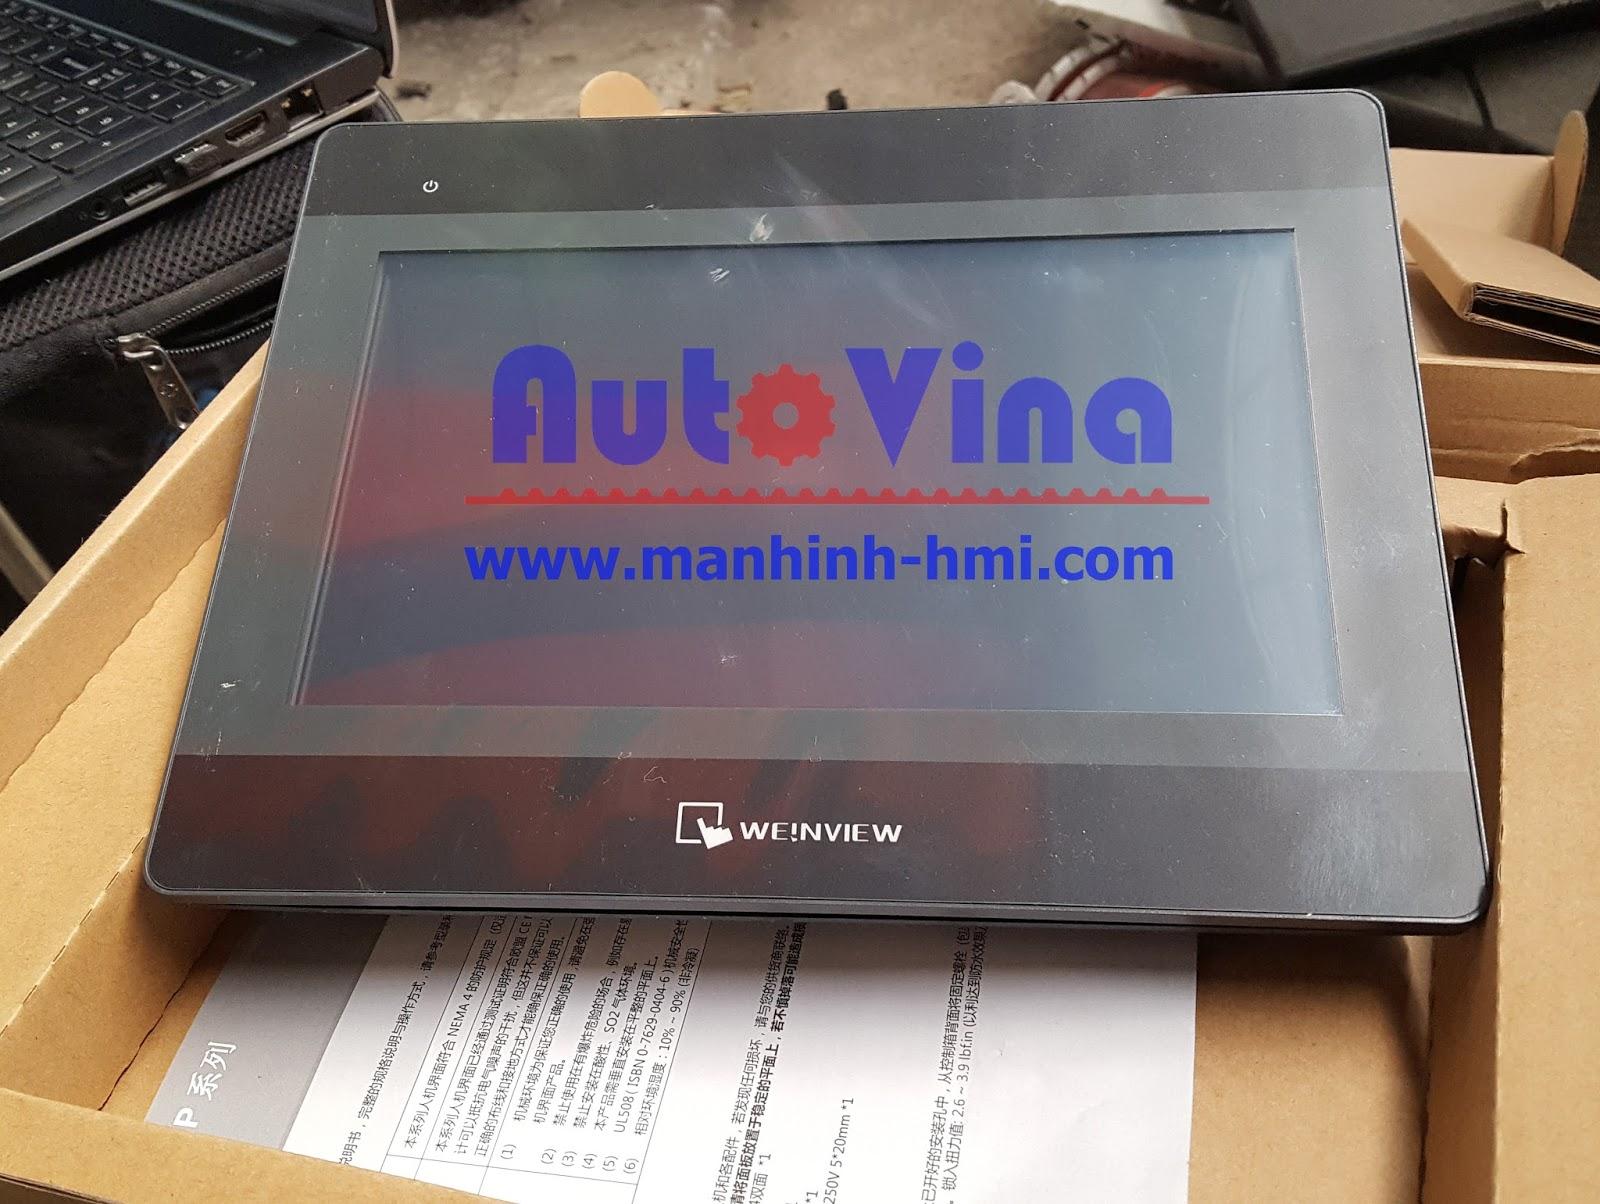 Phân phối sản phẩm màn hình cảm ứng HMI Weinview MT6103iP chính hãng giá tốt nhất